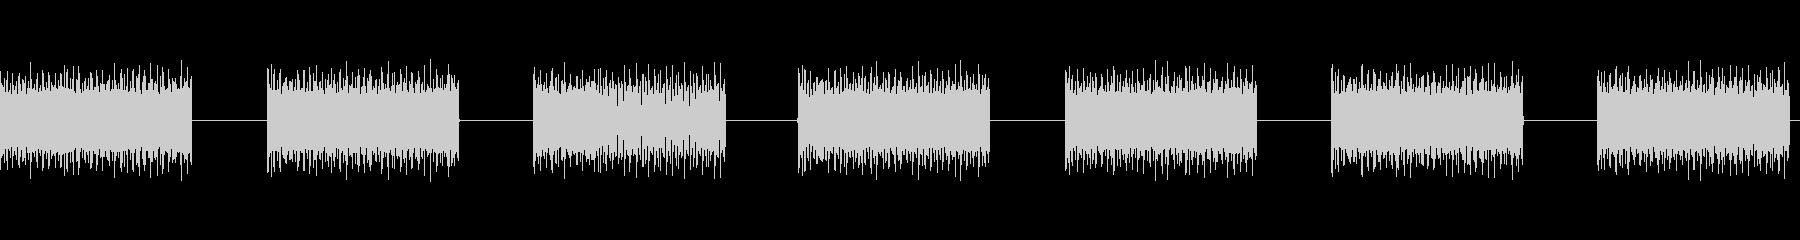 過酷なループバズウォッシュスペース...の未再生の波形